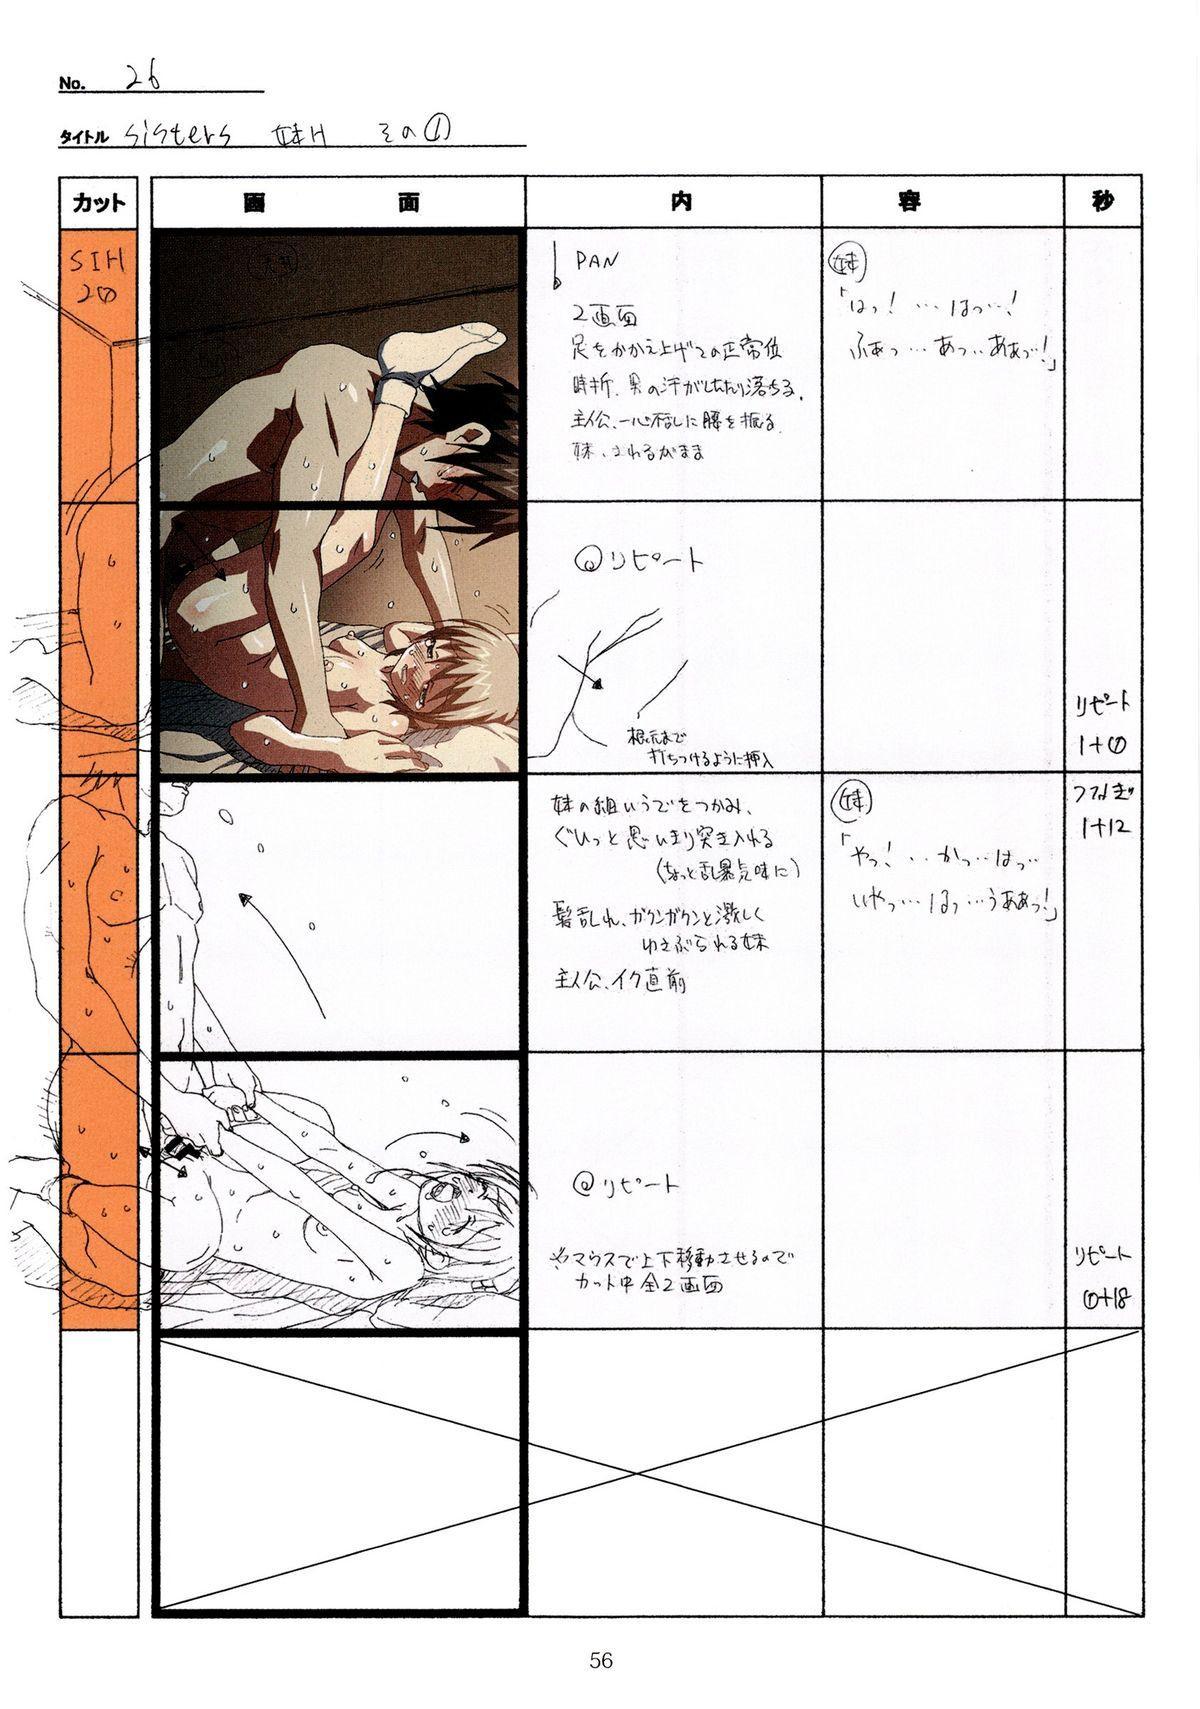 (C89) [Makino Jimusho (Taki Minashika)] SISTERS -Natsu no Saigo no Hi- H Scene All Part Storyboard (SISTERS -Natsu no Saigo no Hi-) 55